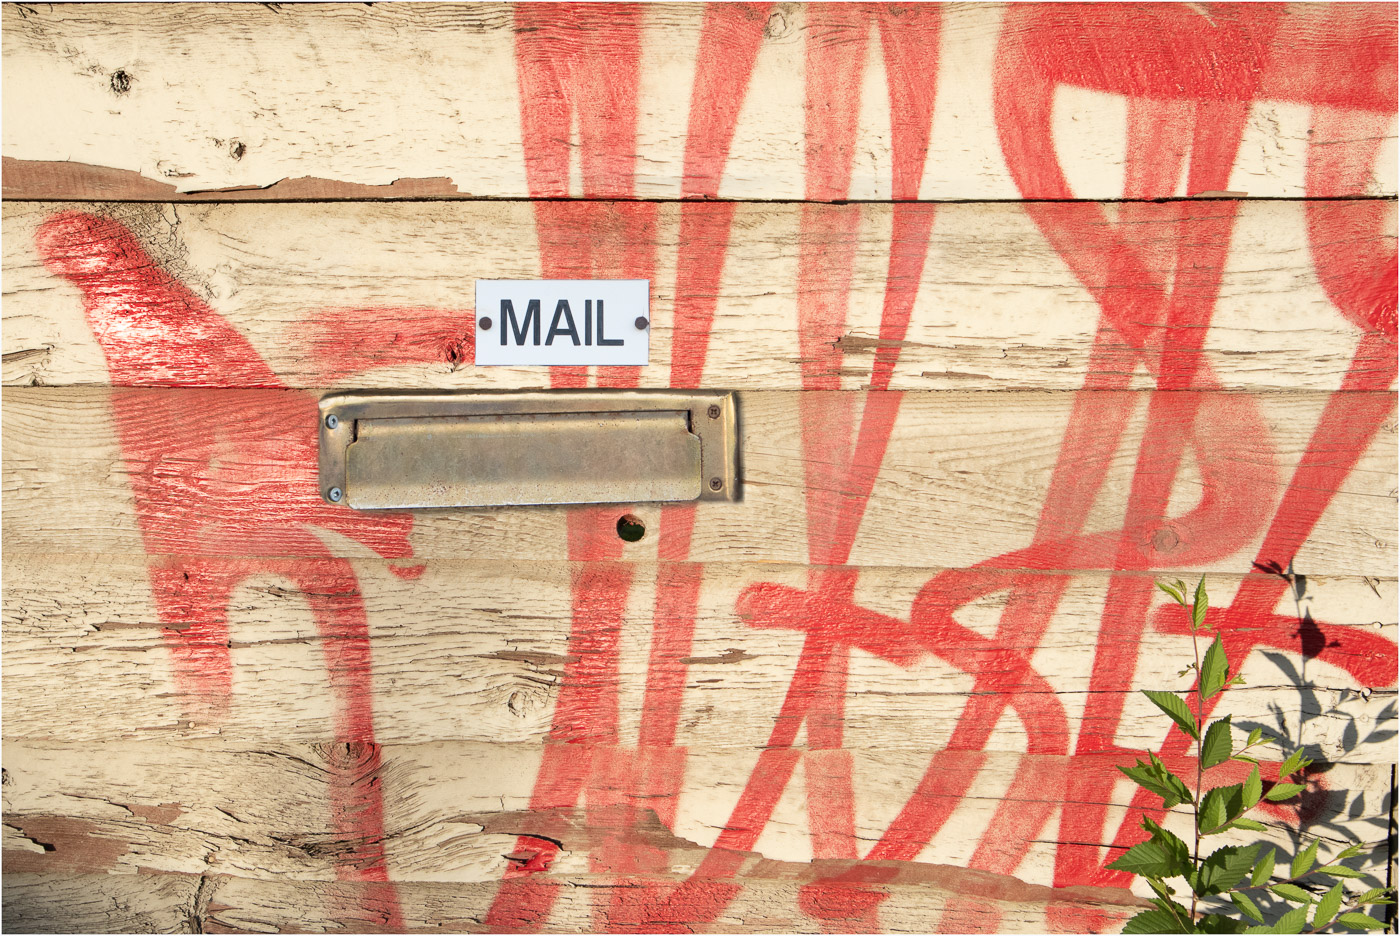 Mail Slot-Graffiti  - © - Sharon Jensen